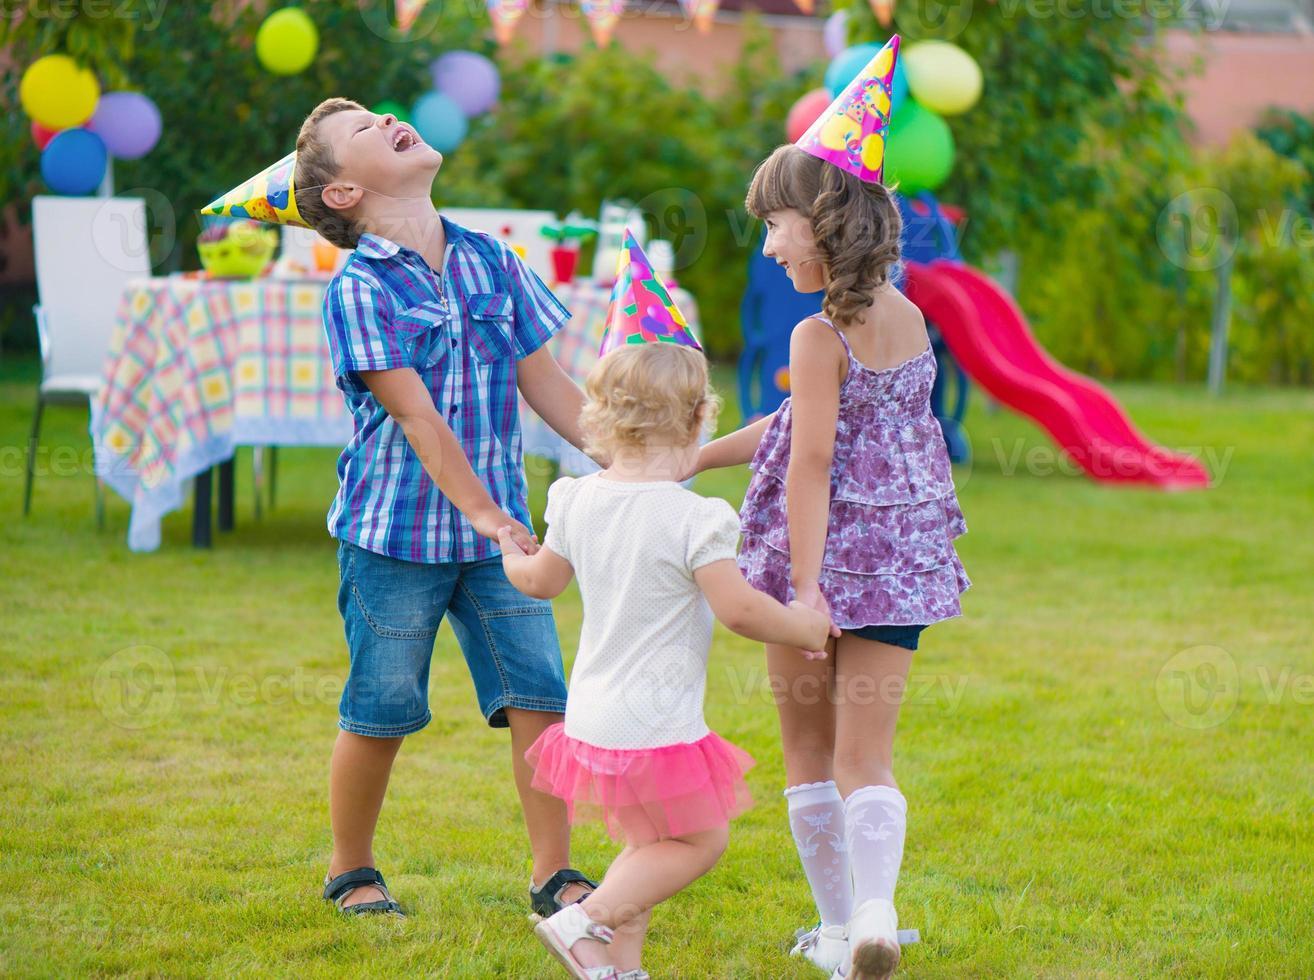 festa de aniversário das crianças foto